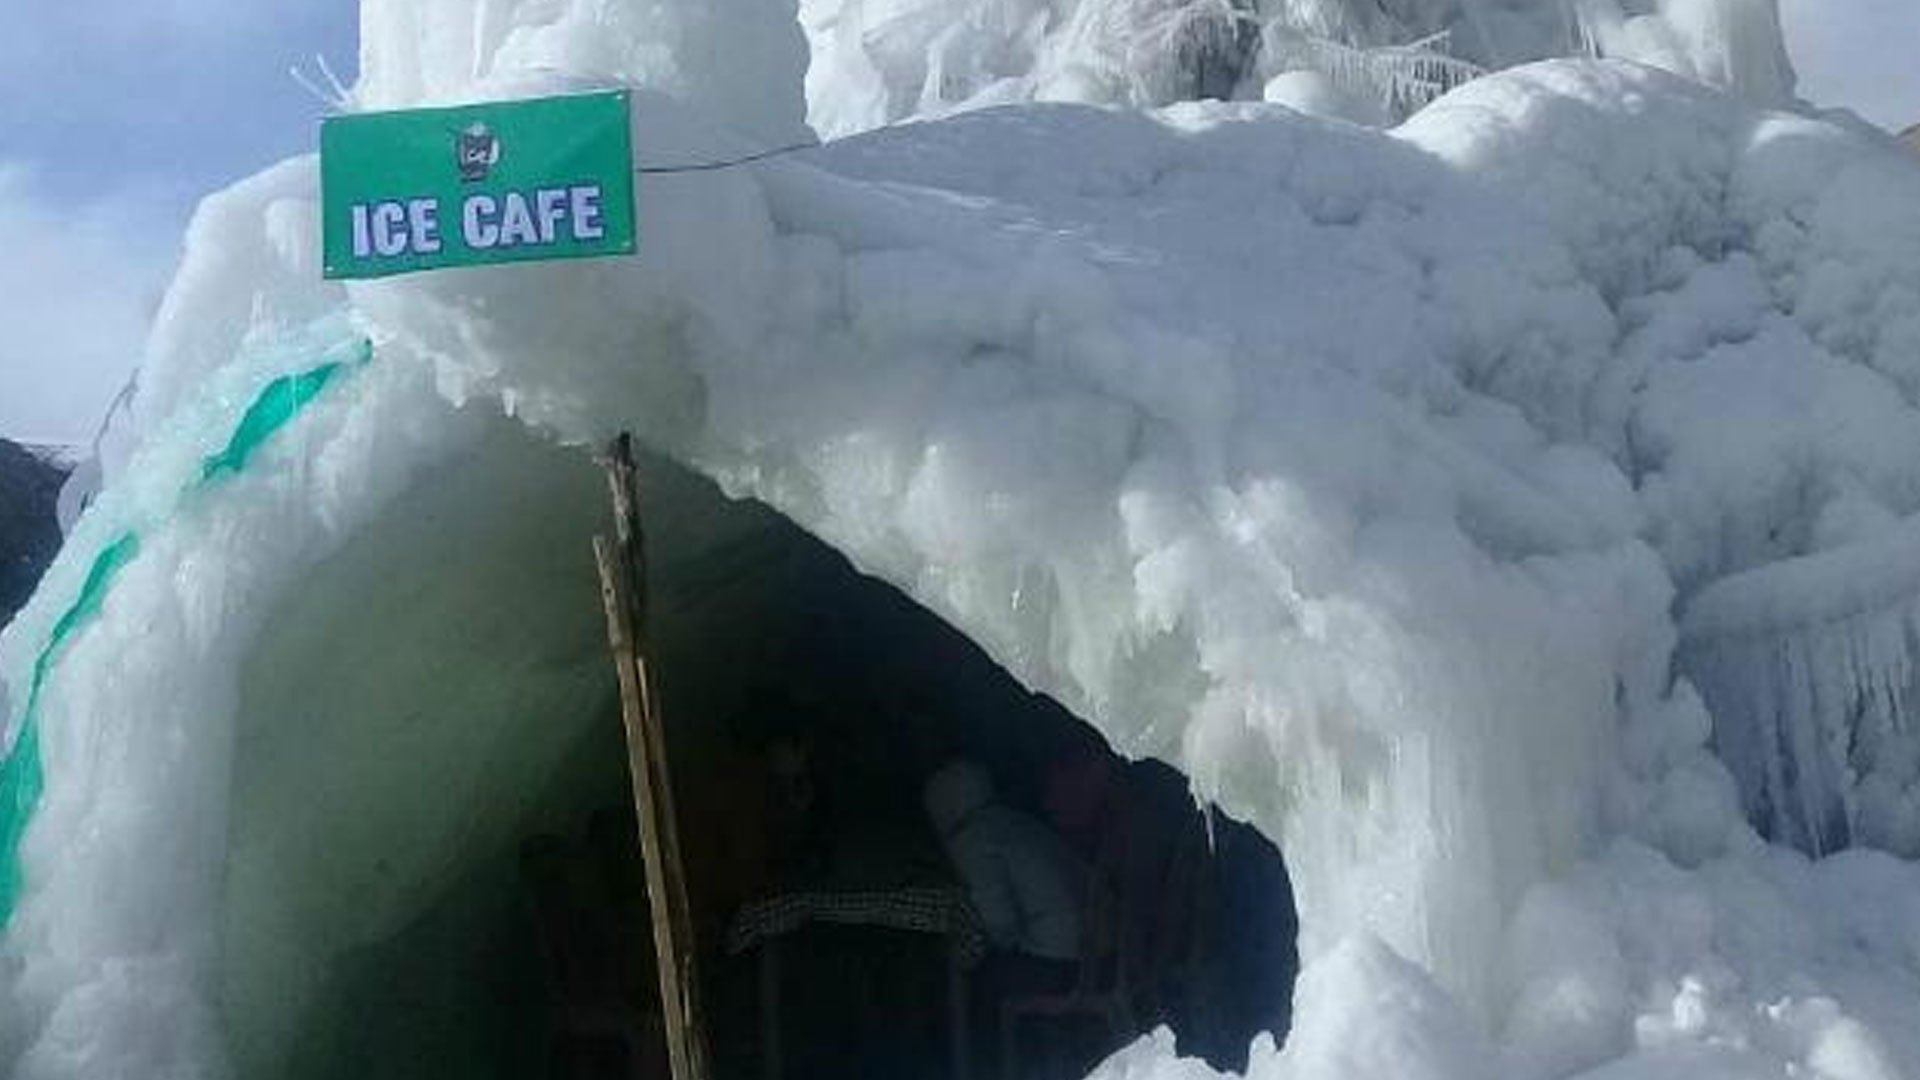 Ice-cafe-4